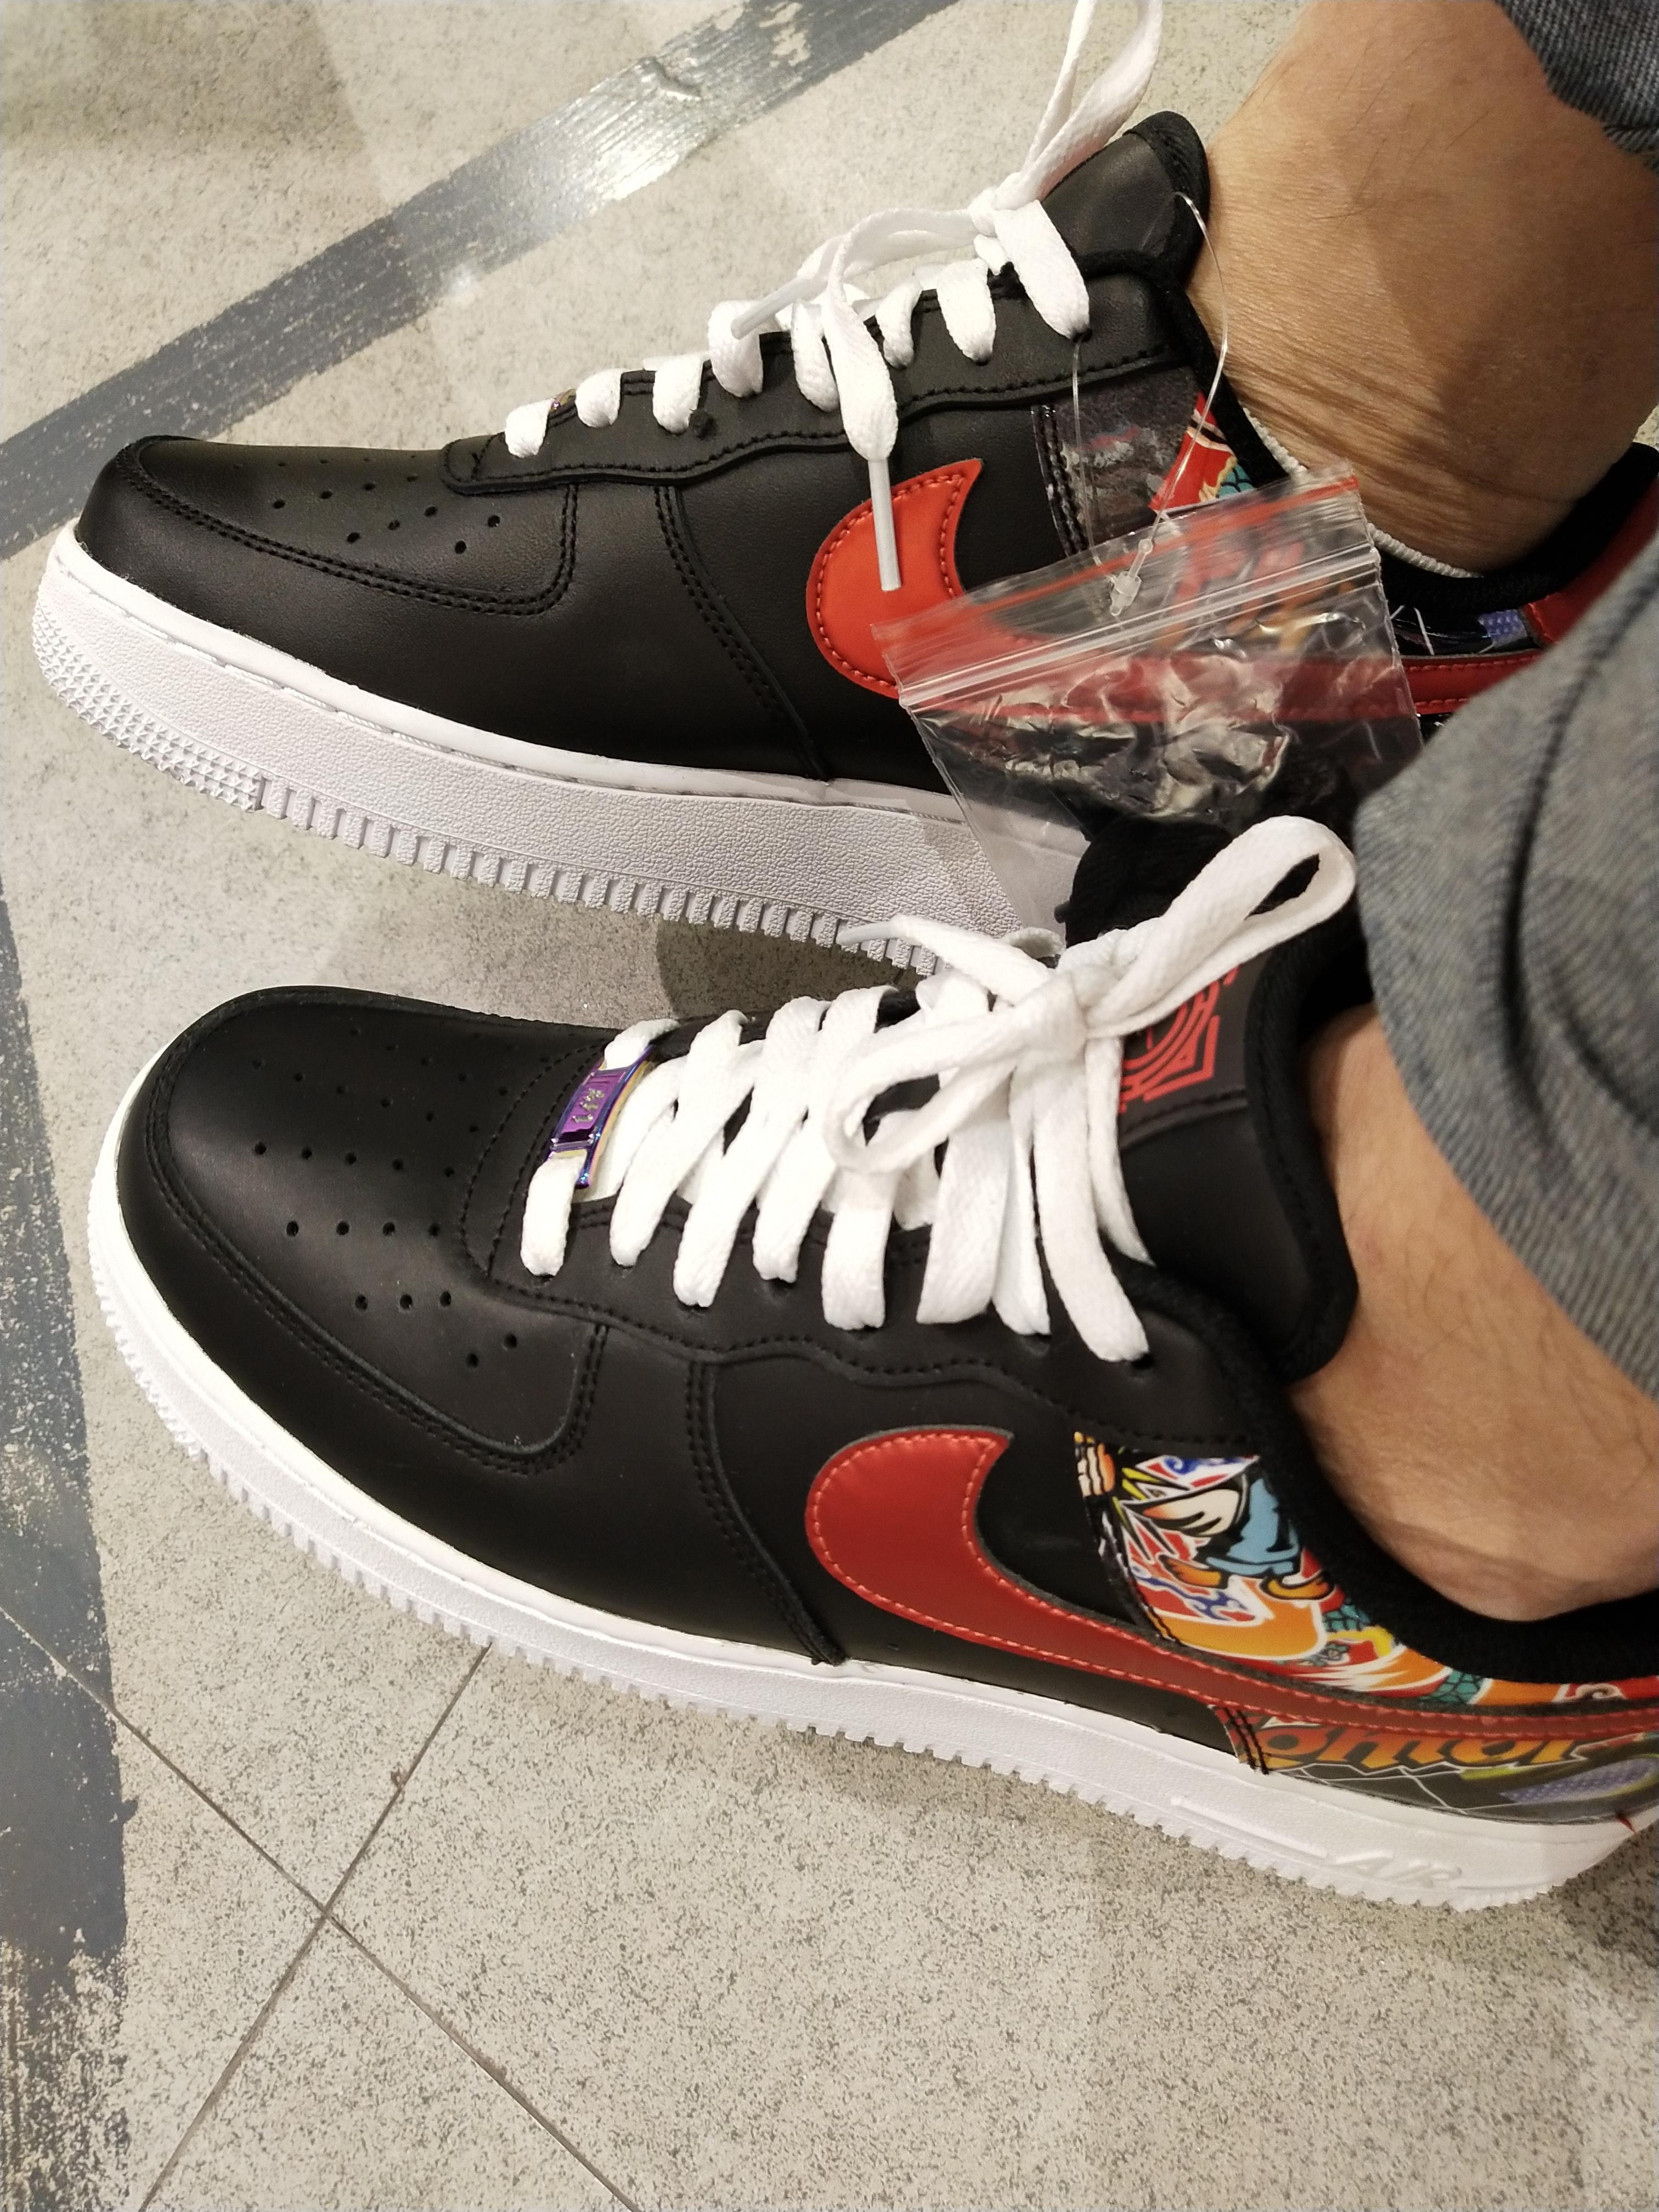 震驚!臺北Nike旗艦店購物被掉包,被拆穿后店家竟怪我沒當場提出! - Mobile01